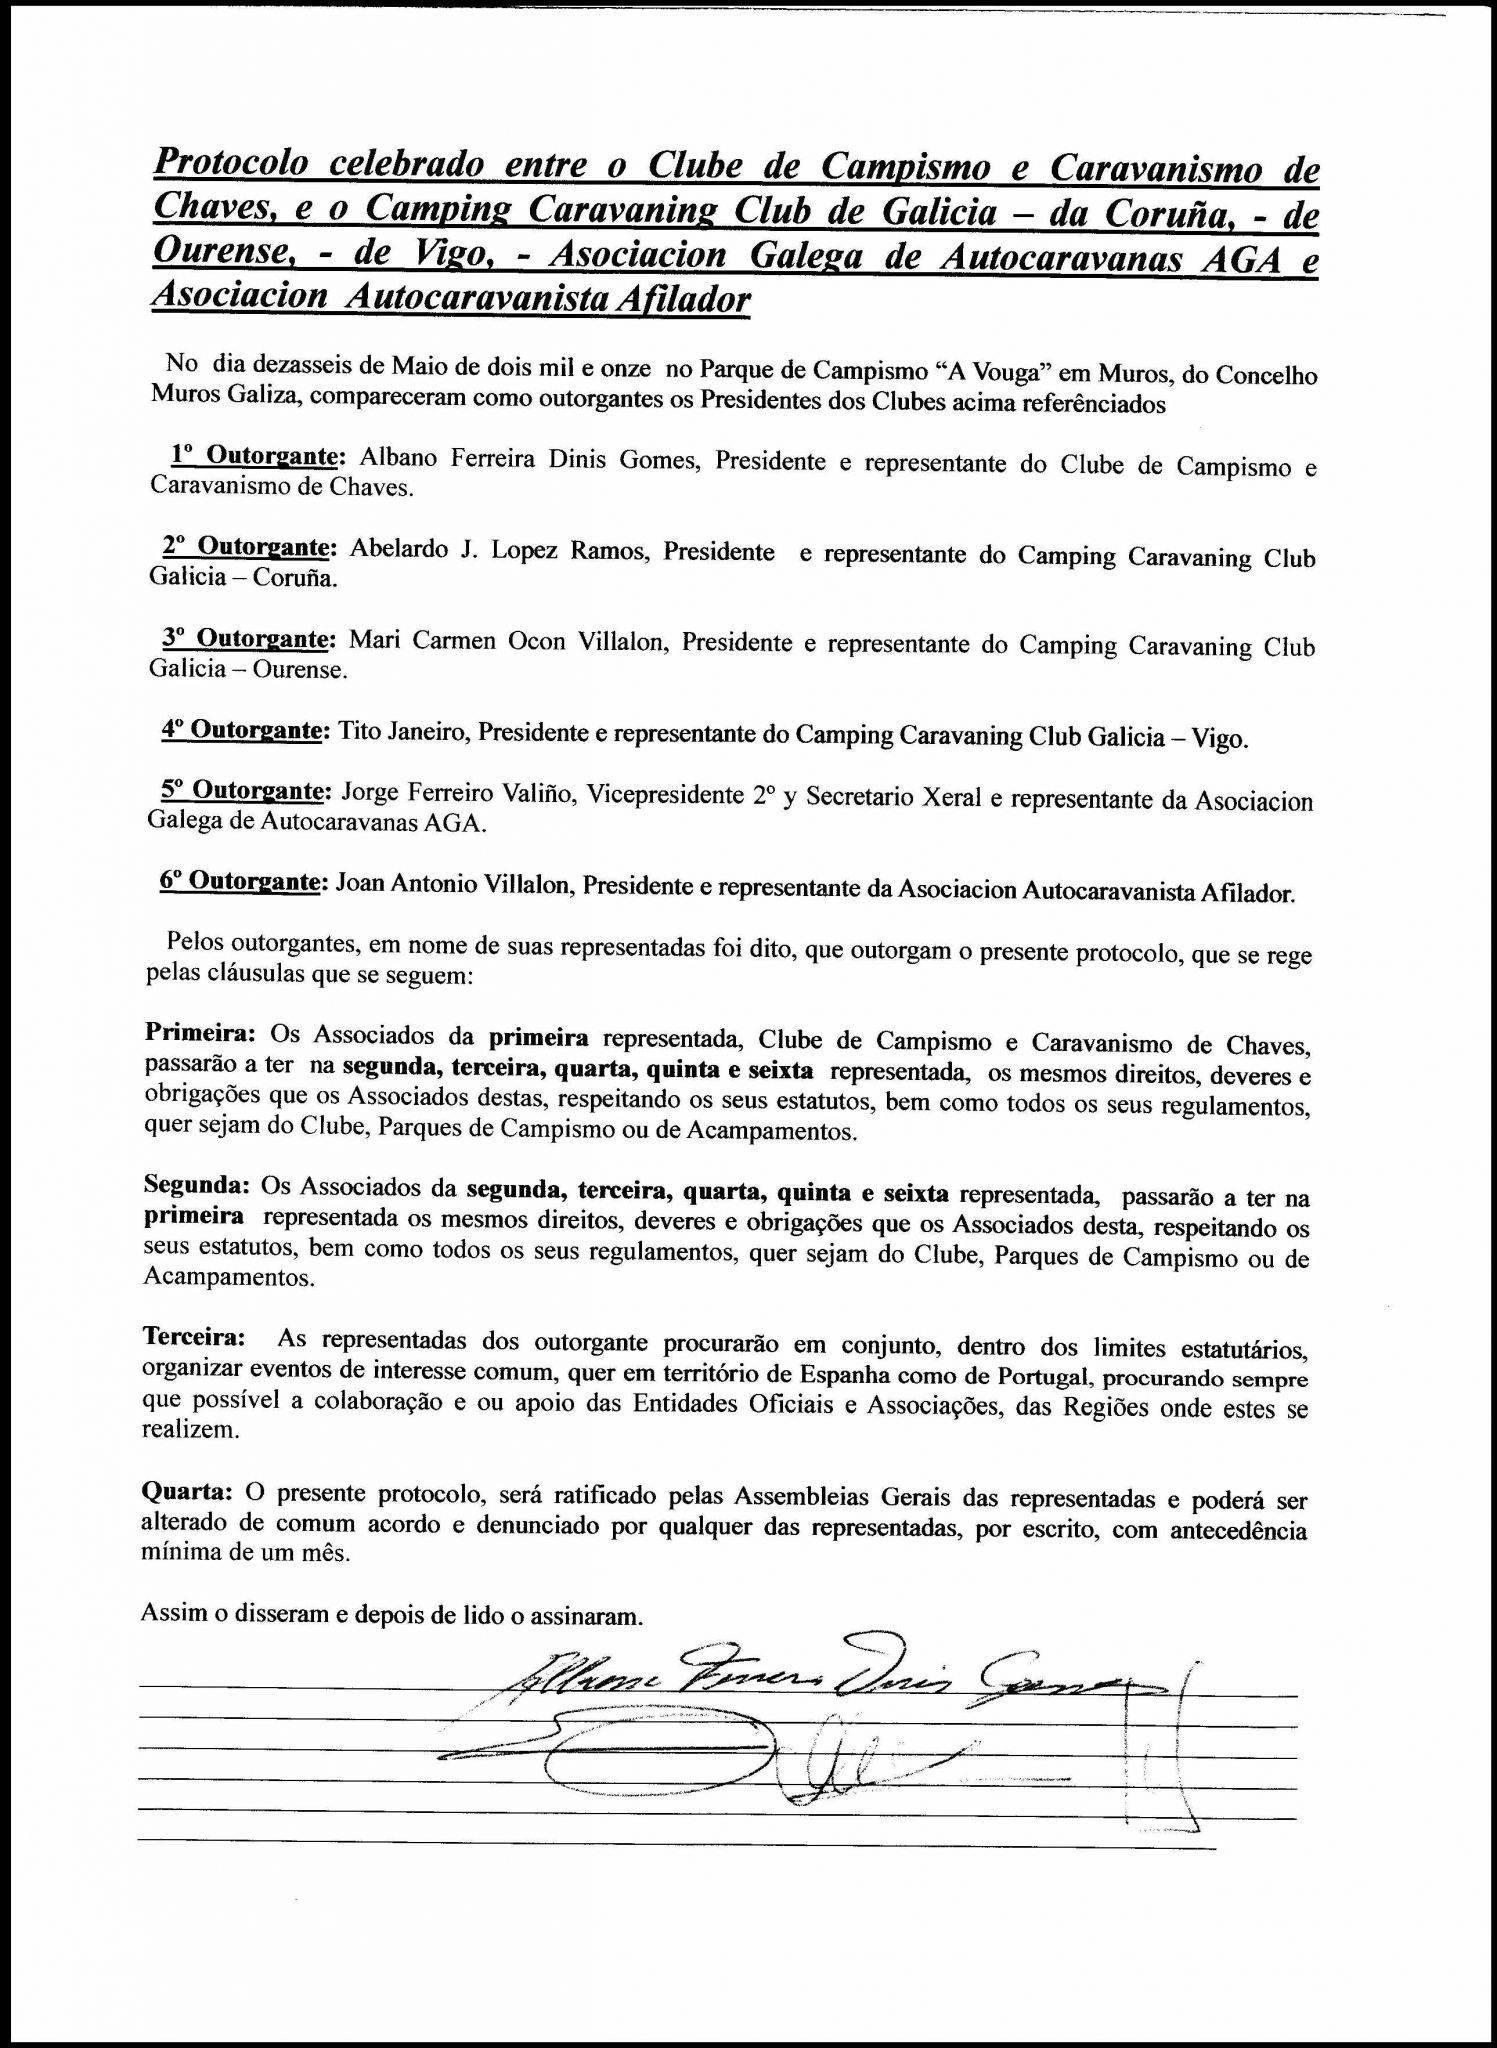 protocolo-entre-os-clubeschavesa-corunaourensevigo-aga-y-afilador16052011